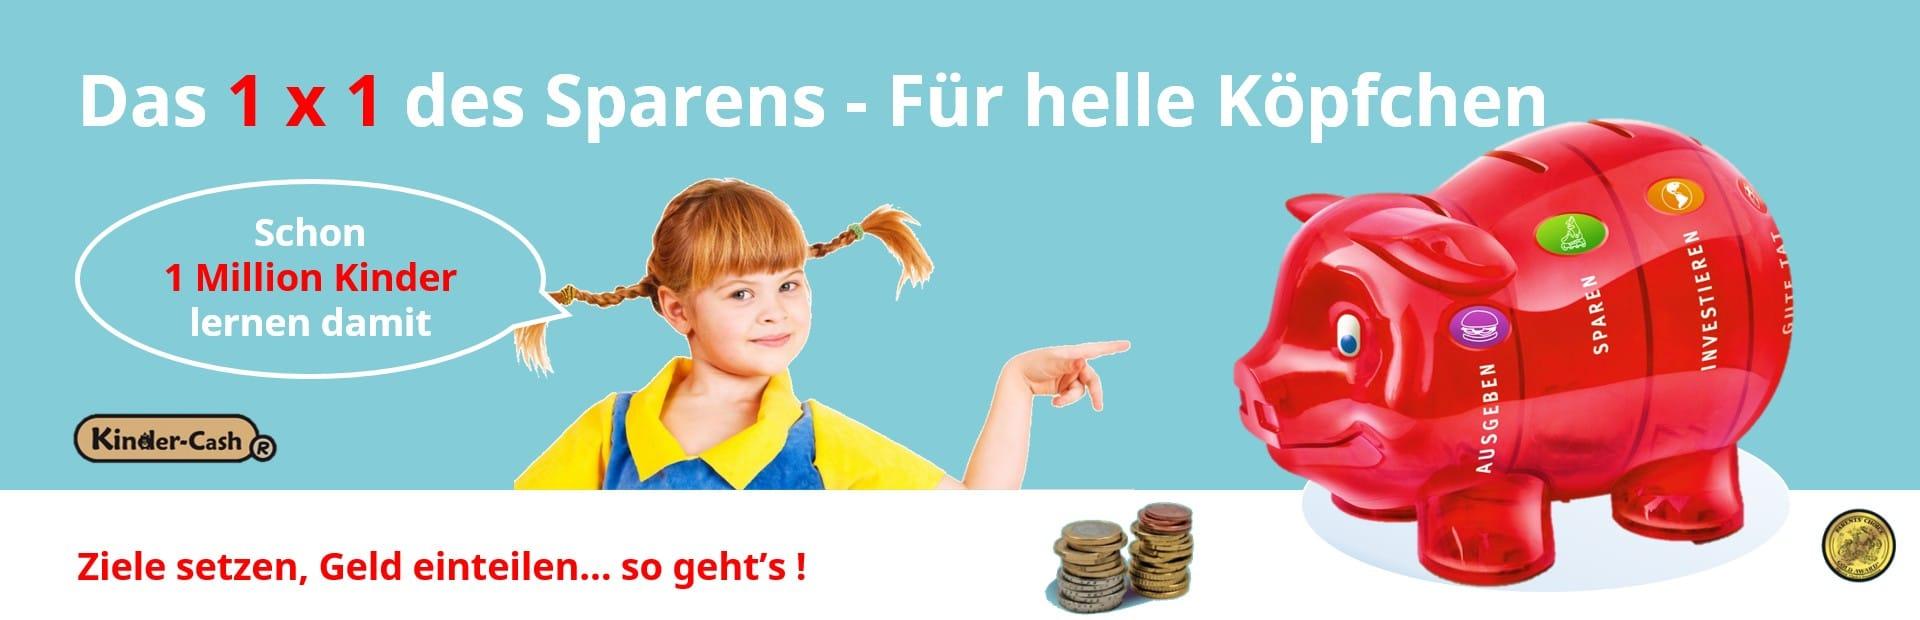 Kinder lernen mit dem Sparschwein von Kinder-Cash